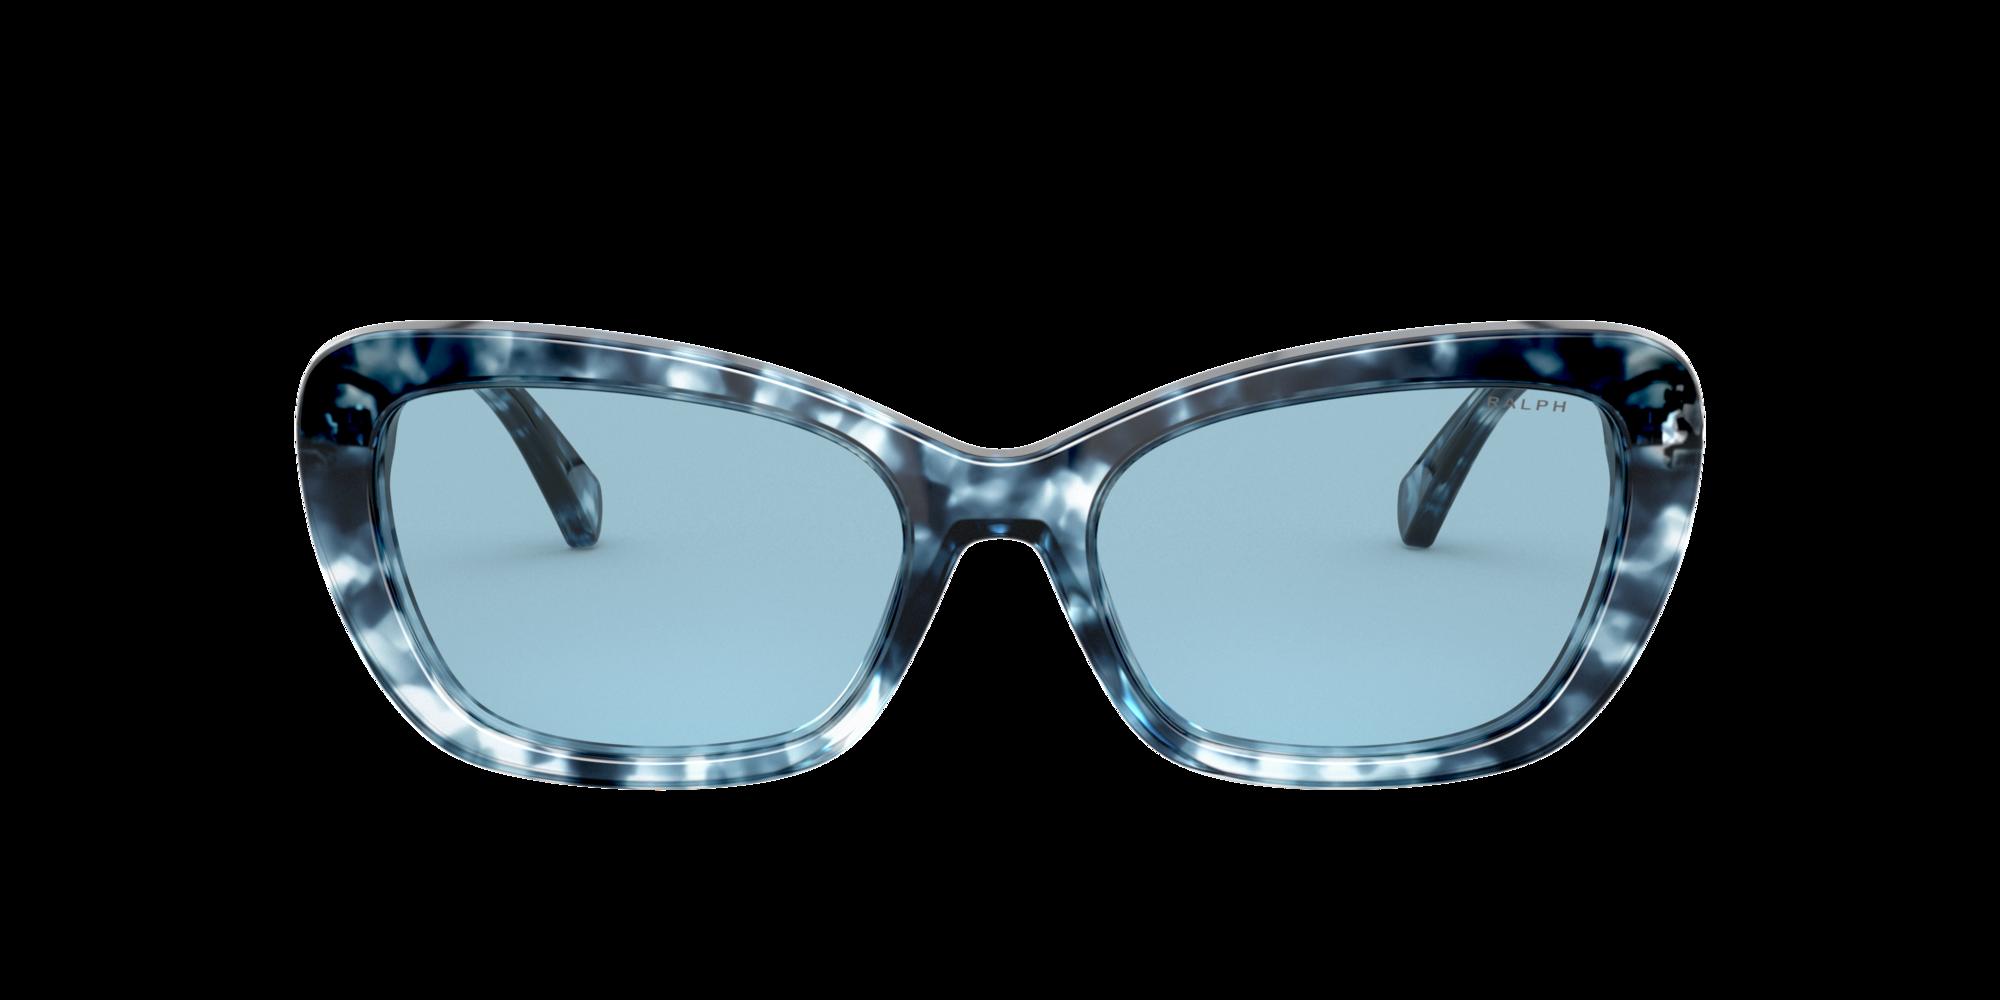 Imagen para RA5264 55 de LensCrafters |  Espejuelos, espejuelos graduados en línea, gafas